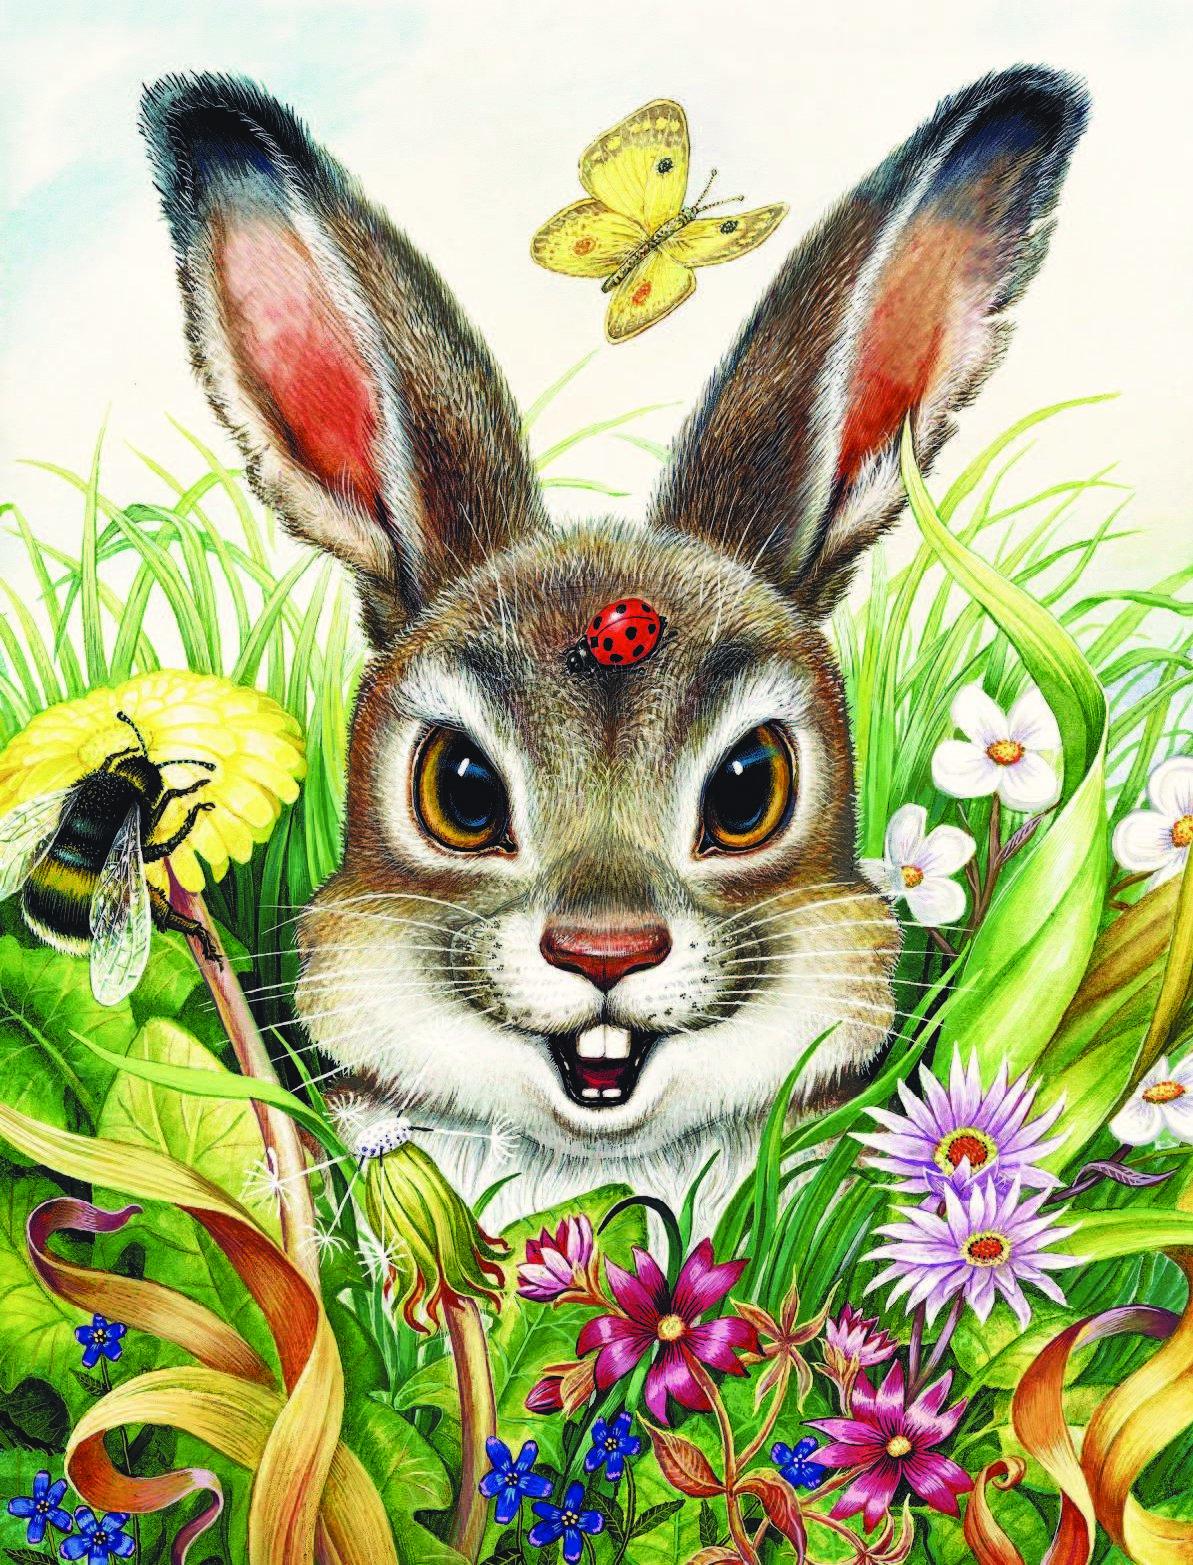 Картинки из детских сказок с зайцами